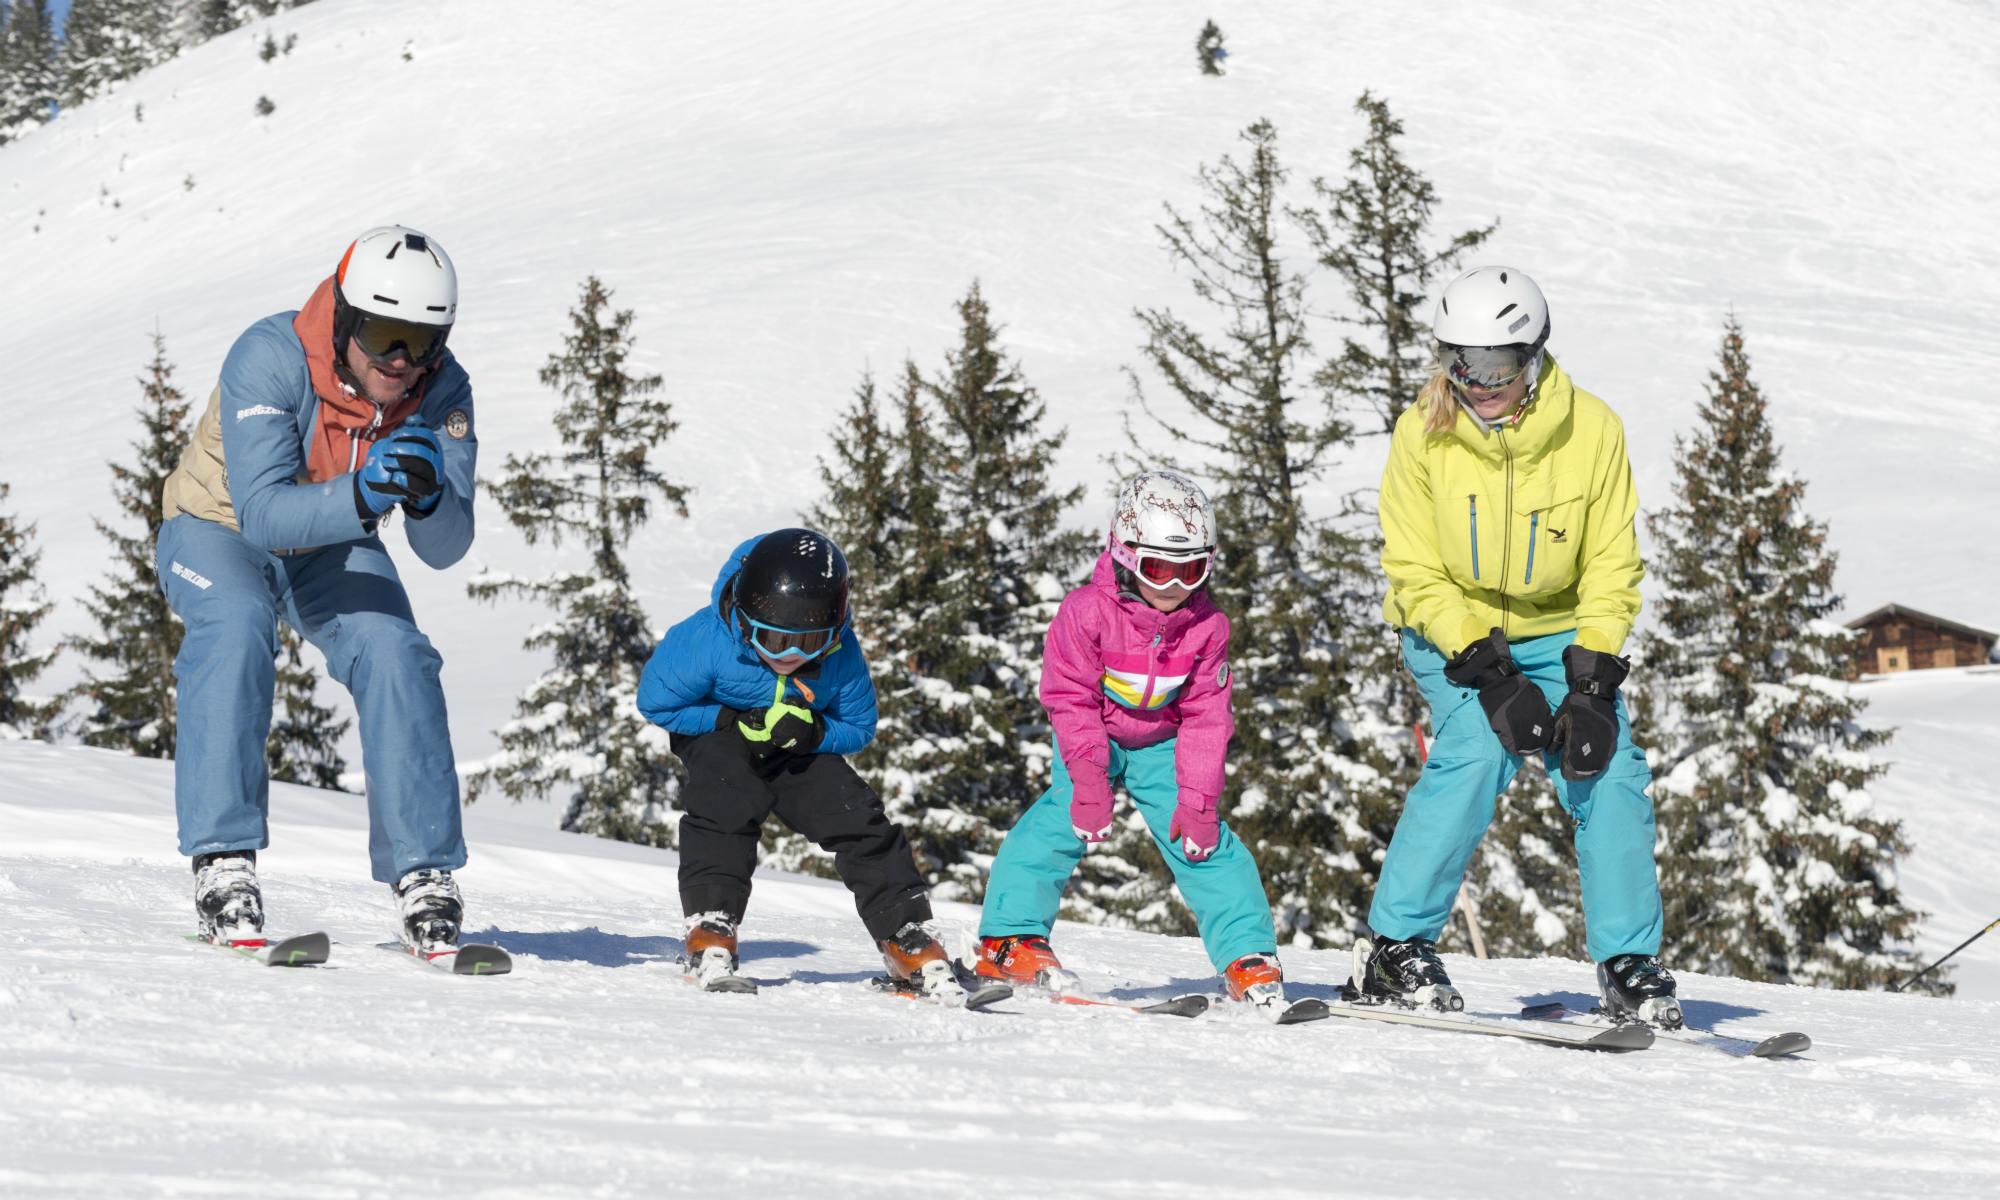 Familie mit 2 Kindern beim Üben der Skitechnik auf einer Piste in Lofer.